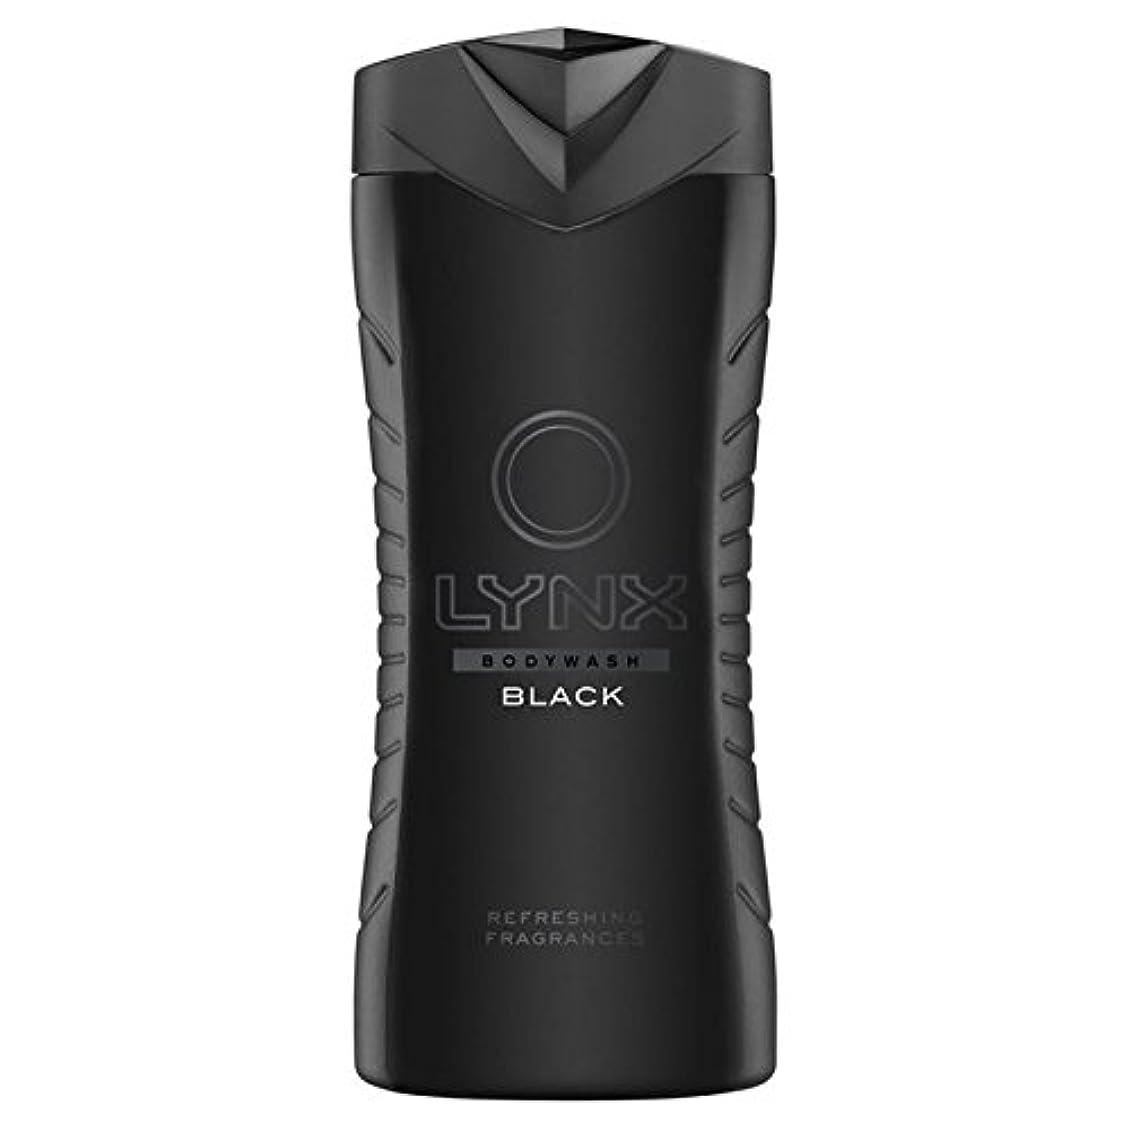 無知ひどい船員オオヤマネコブラックシャワージェル400ミリリットル x4 - Lynx Black Shower Gel 400ml (Pack of 4) [並行輸入品]